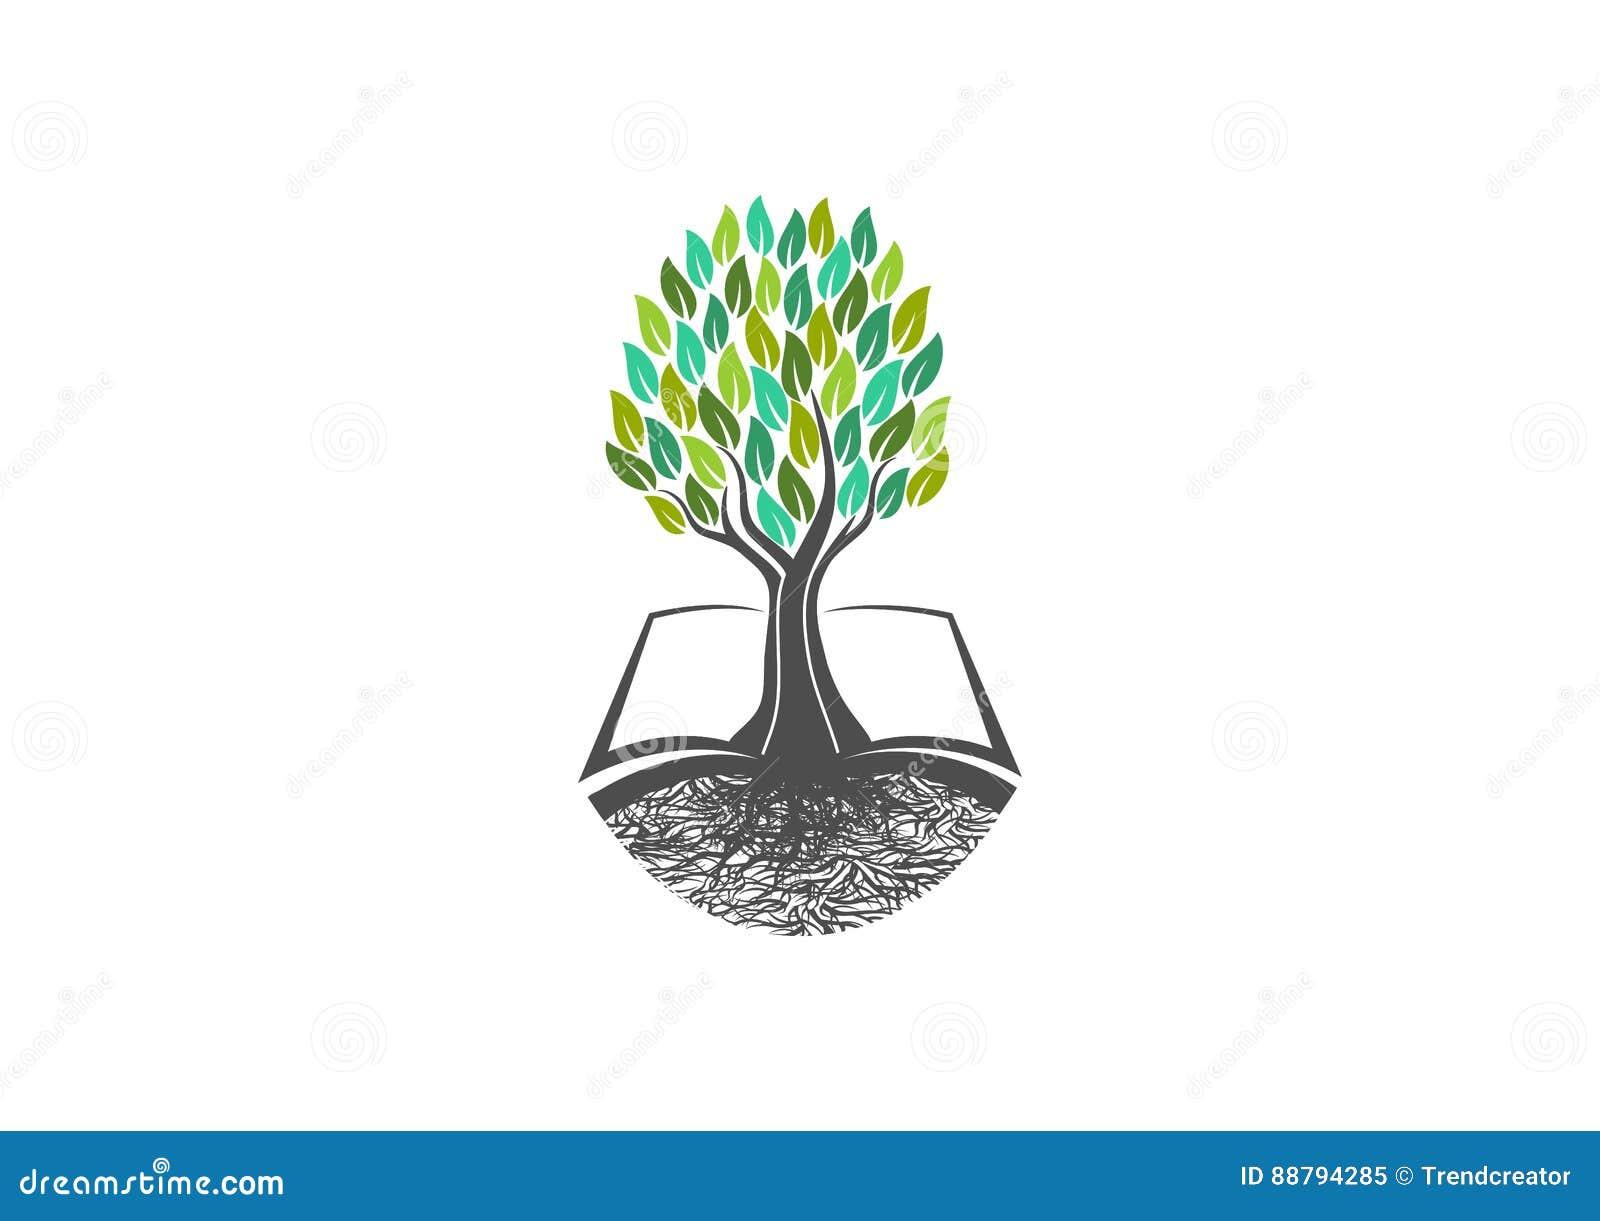 Baumwissen, Buchlogo, Natürliches, Lernen, Ikone, Gesundes, Symbol ...